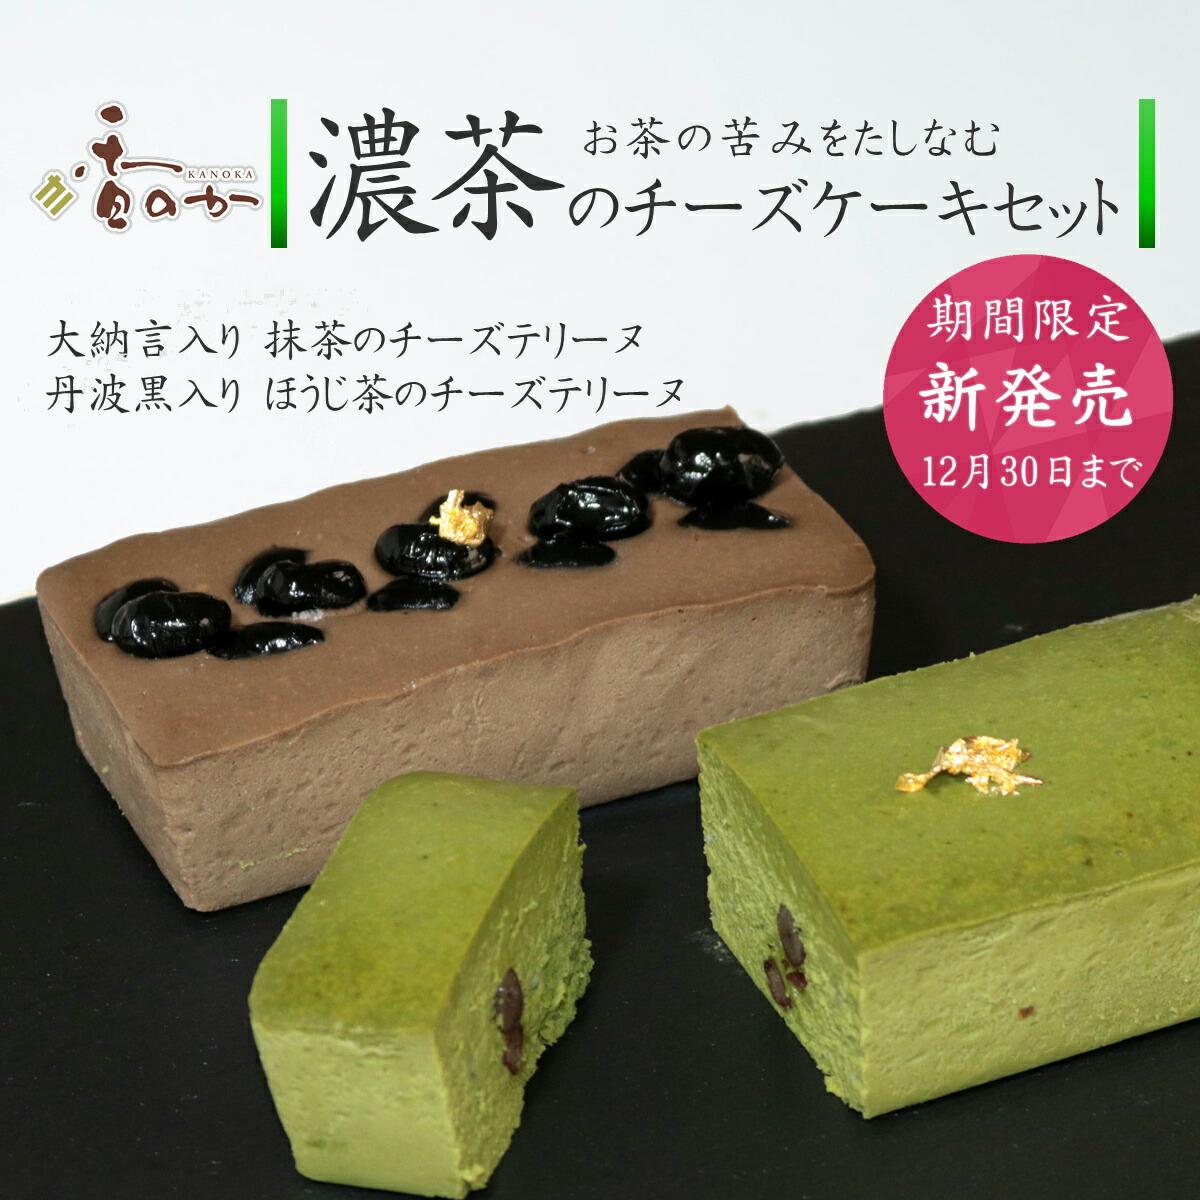 濃茶チーズケーキセットキ